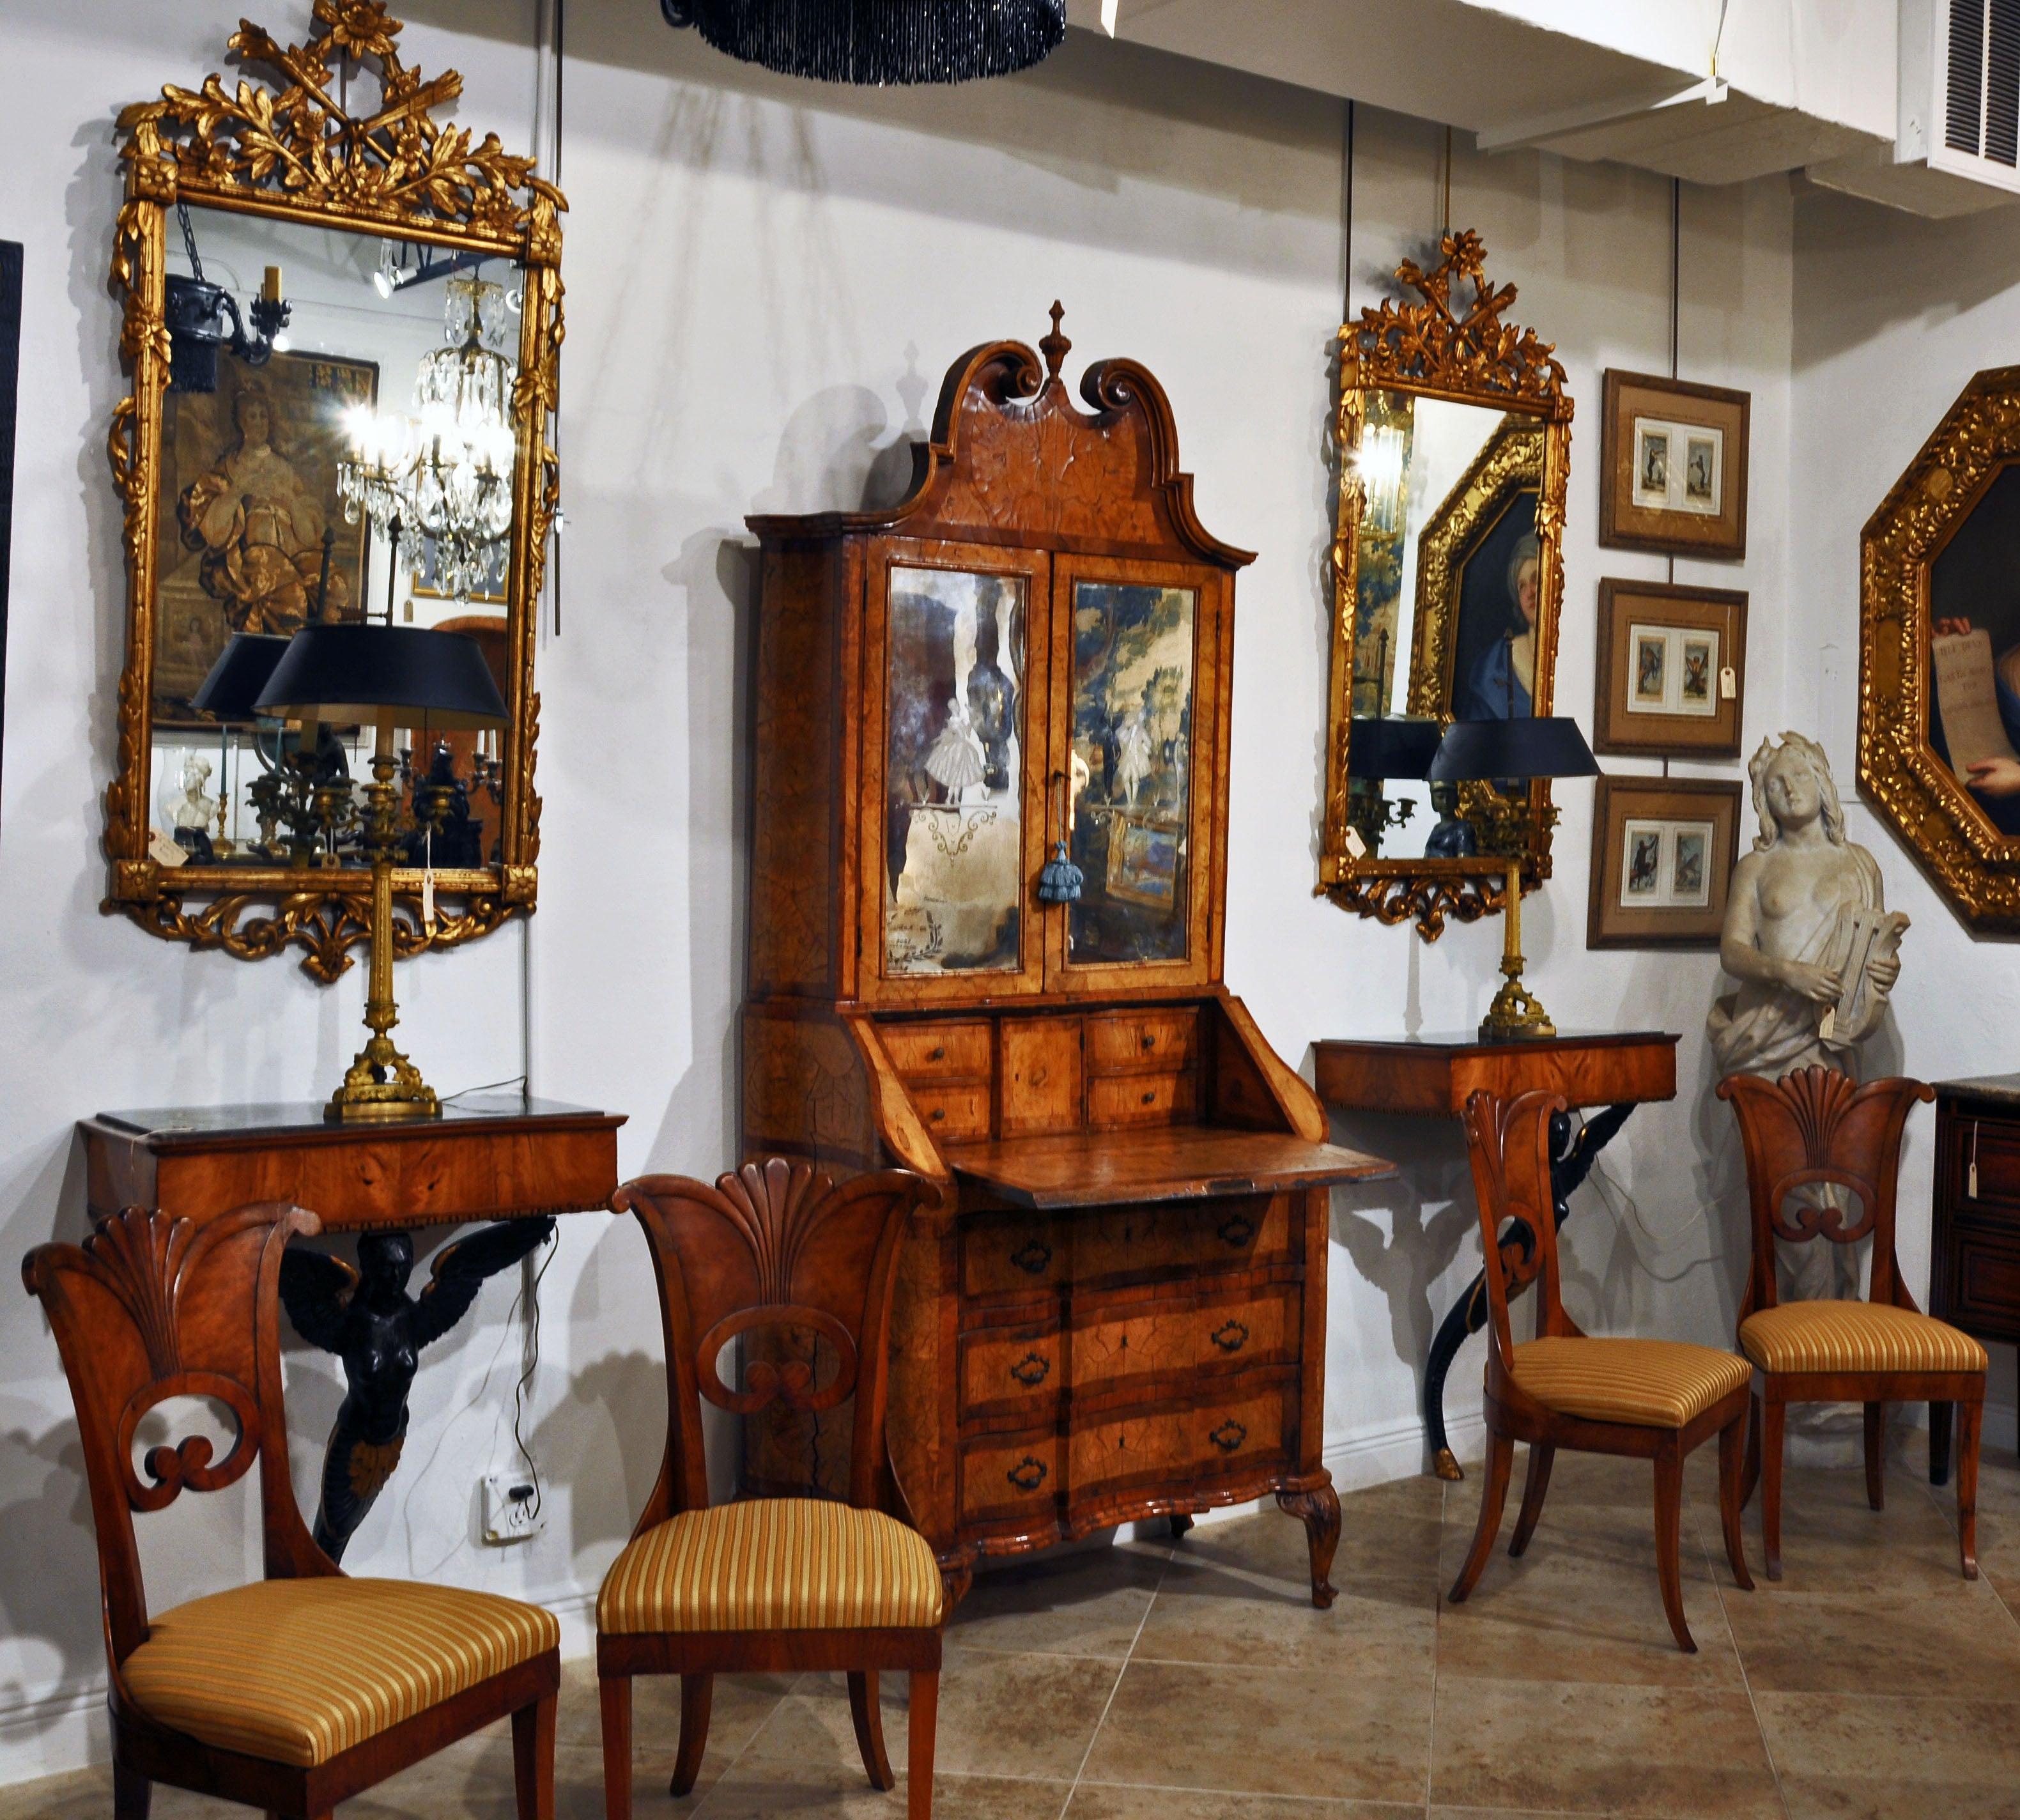 More About Decorative Arts   Fine Antiques. Decorative Arts   Fine Antiques   Ft  Lauderdale  FL 33334   1stdibs